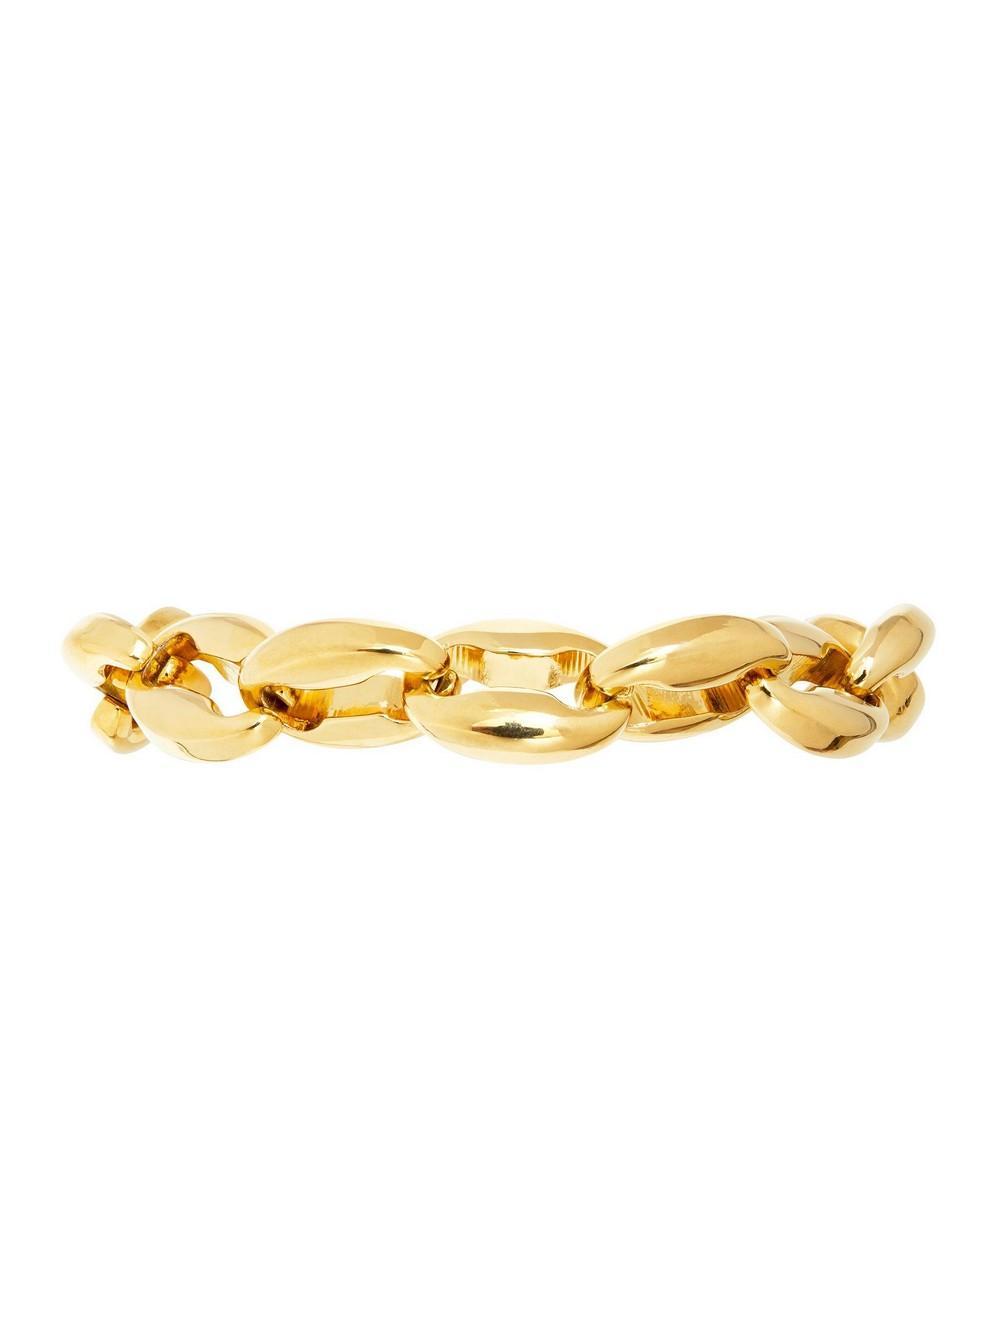 Toscano Link Bracelet Item # FB22213